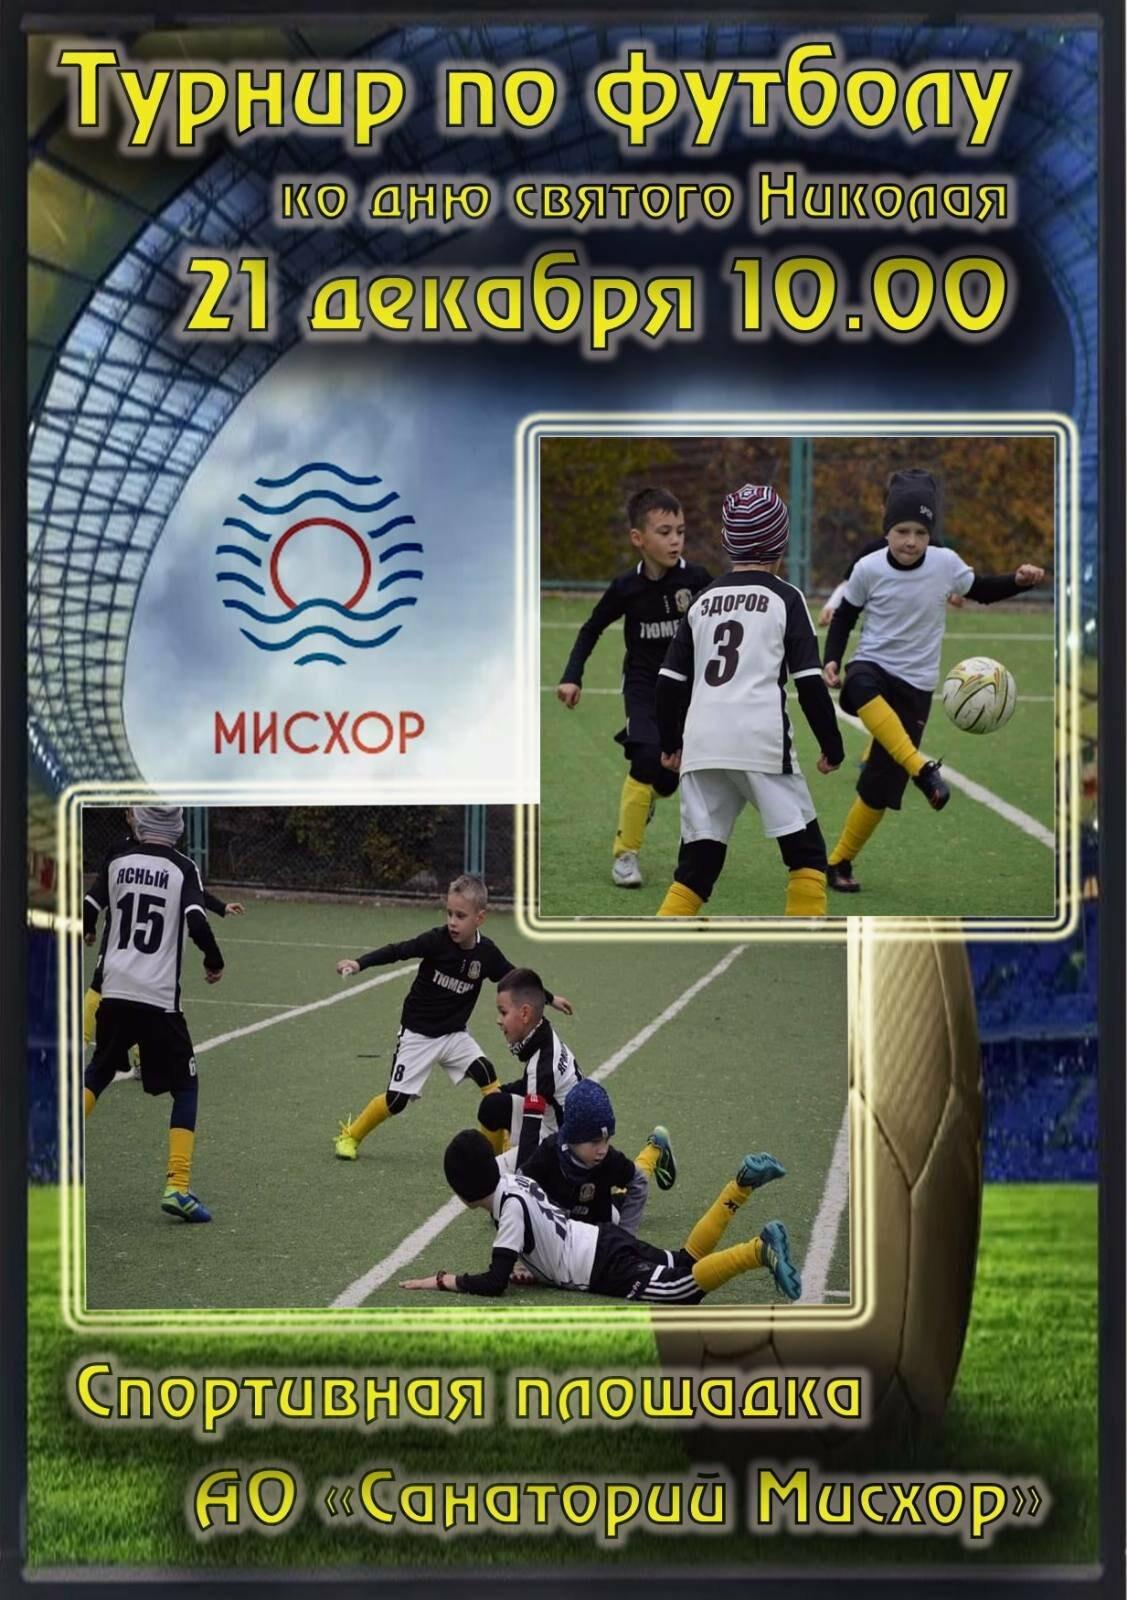 """В санатории """"Мисхор"""" пройдёт футбольный турнир ко Дню Святого Николая, фото-1"""